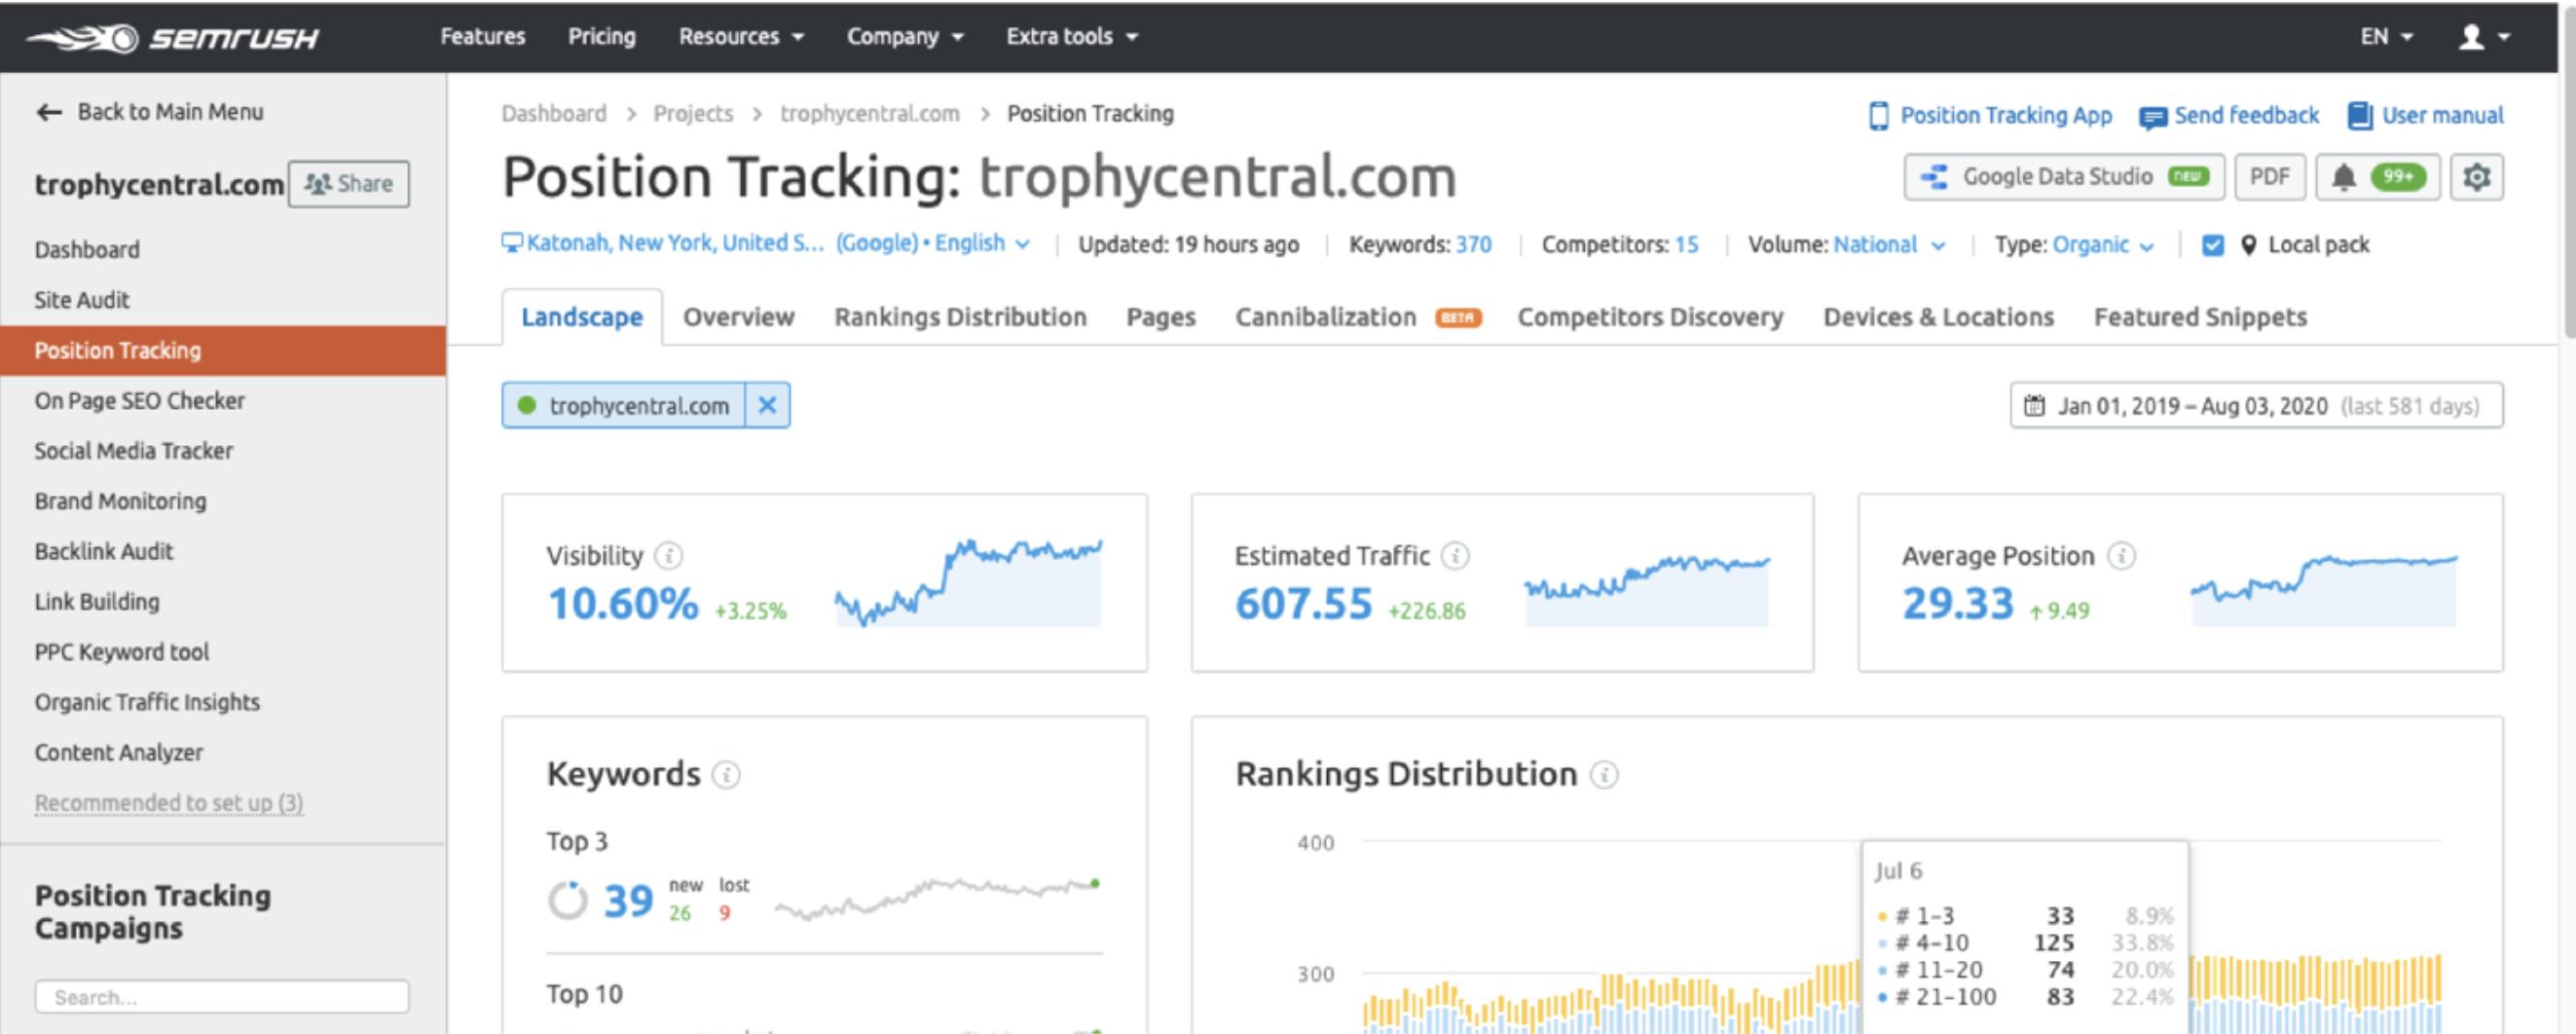 Position tracking - theo dõi toàn diện  thứ hạng, khả năng tăng traffic website